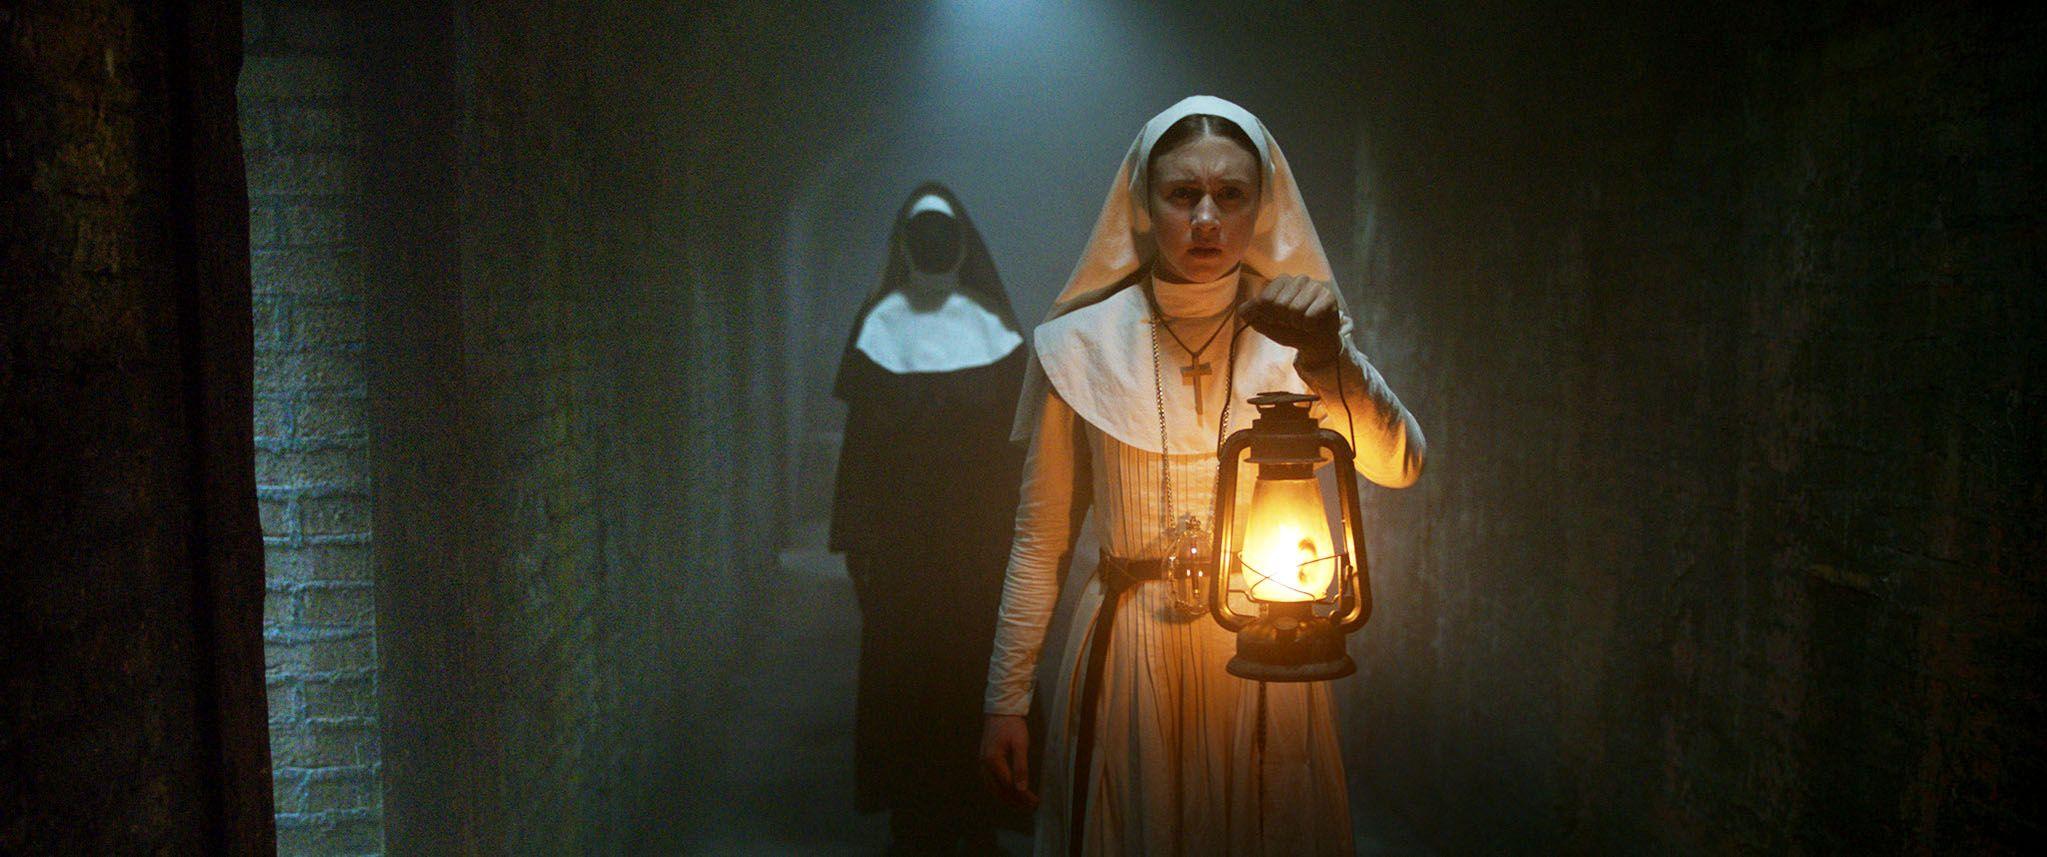 Frissonnez d'angoisse avec La Nonne pour la Nuit Halloween sur CANAL+